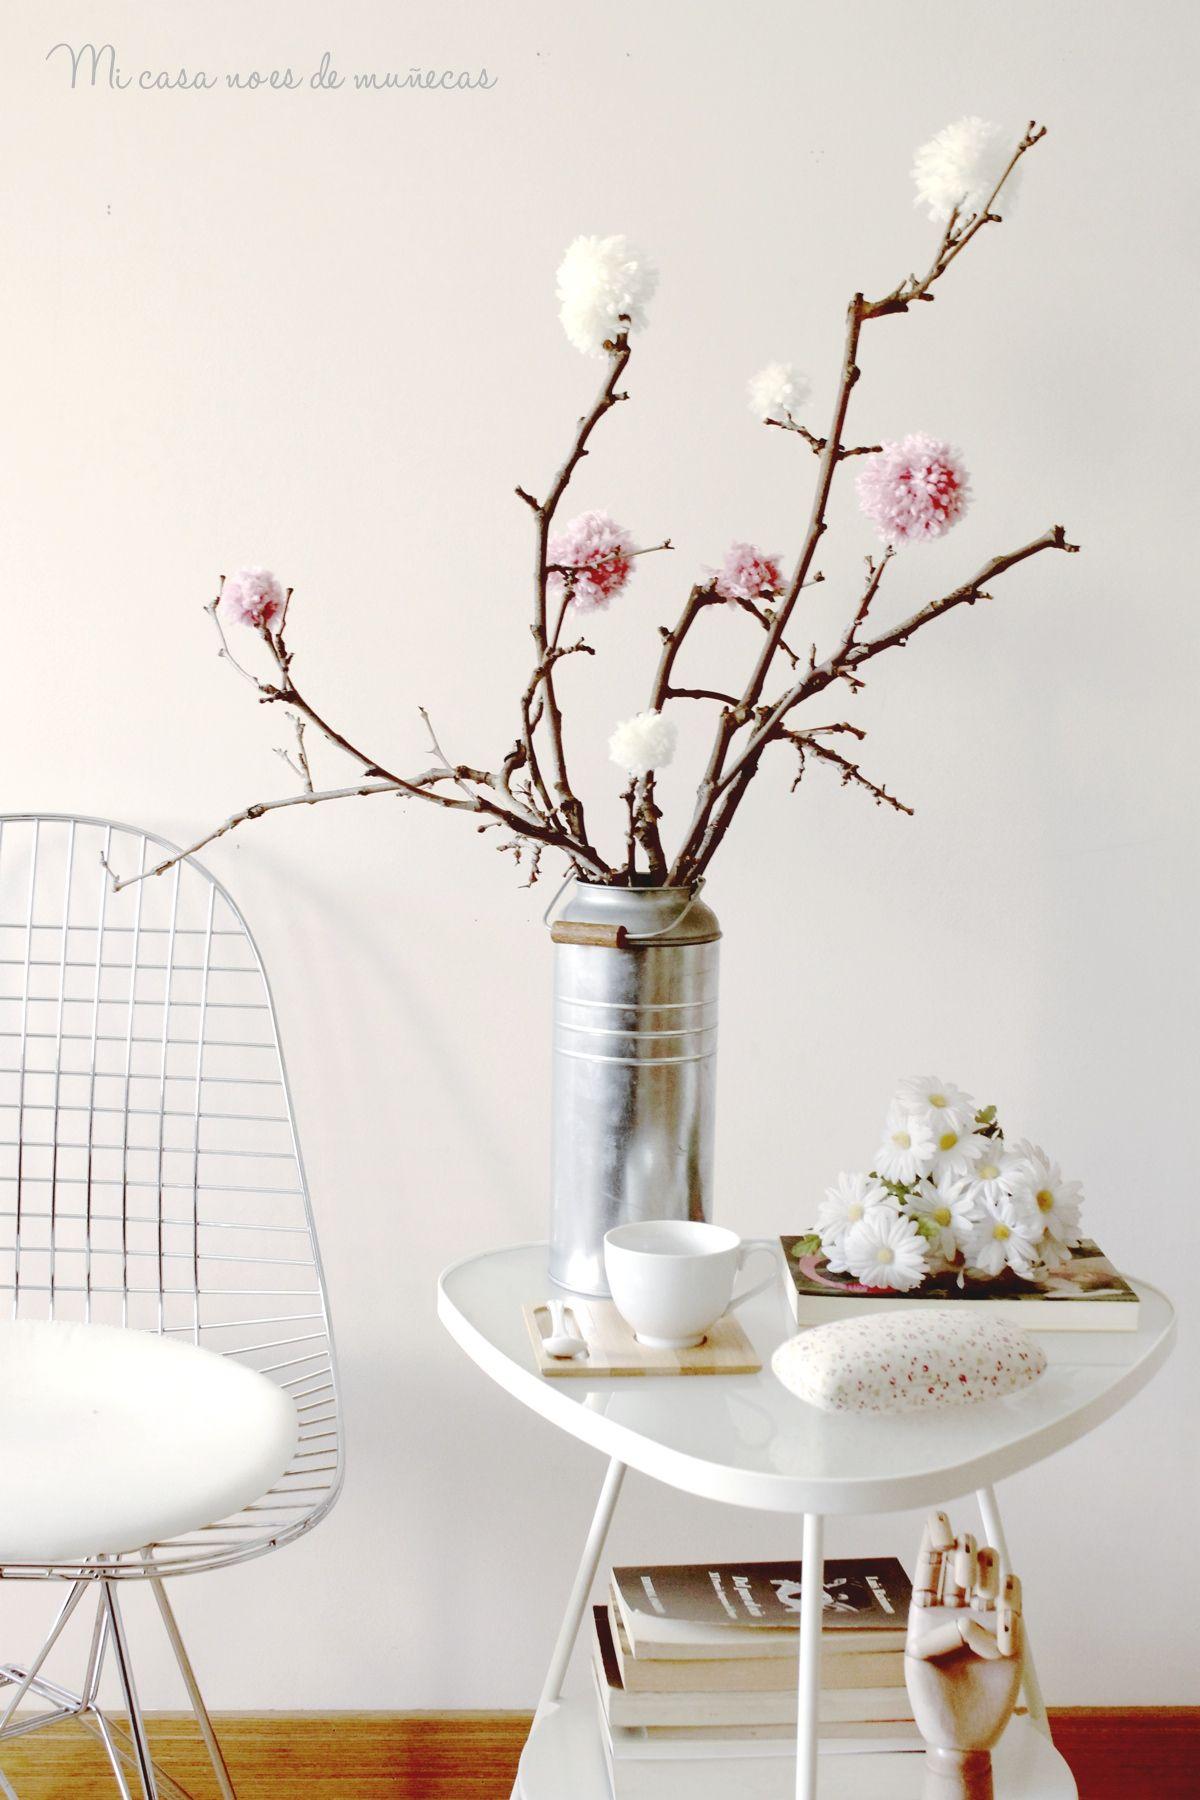 Pin de johanna leon en home sweet home pinterest - Ramas de arbol para decoracion ...